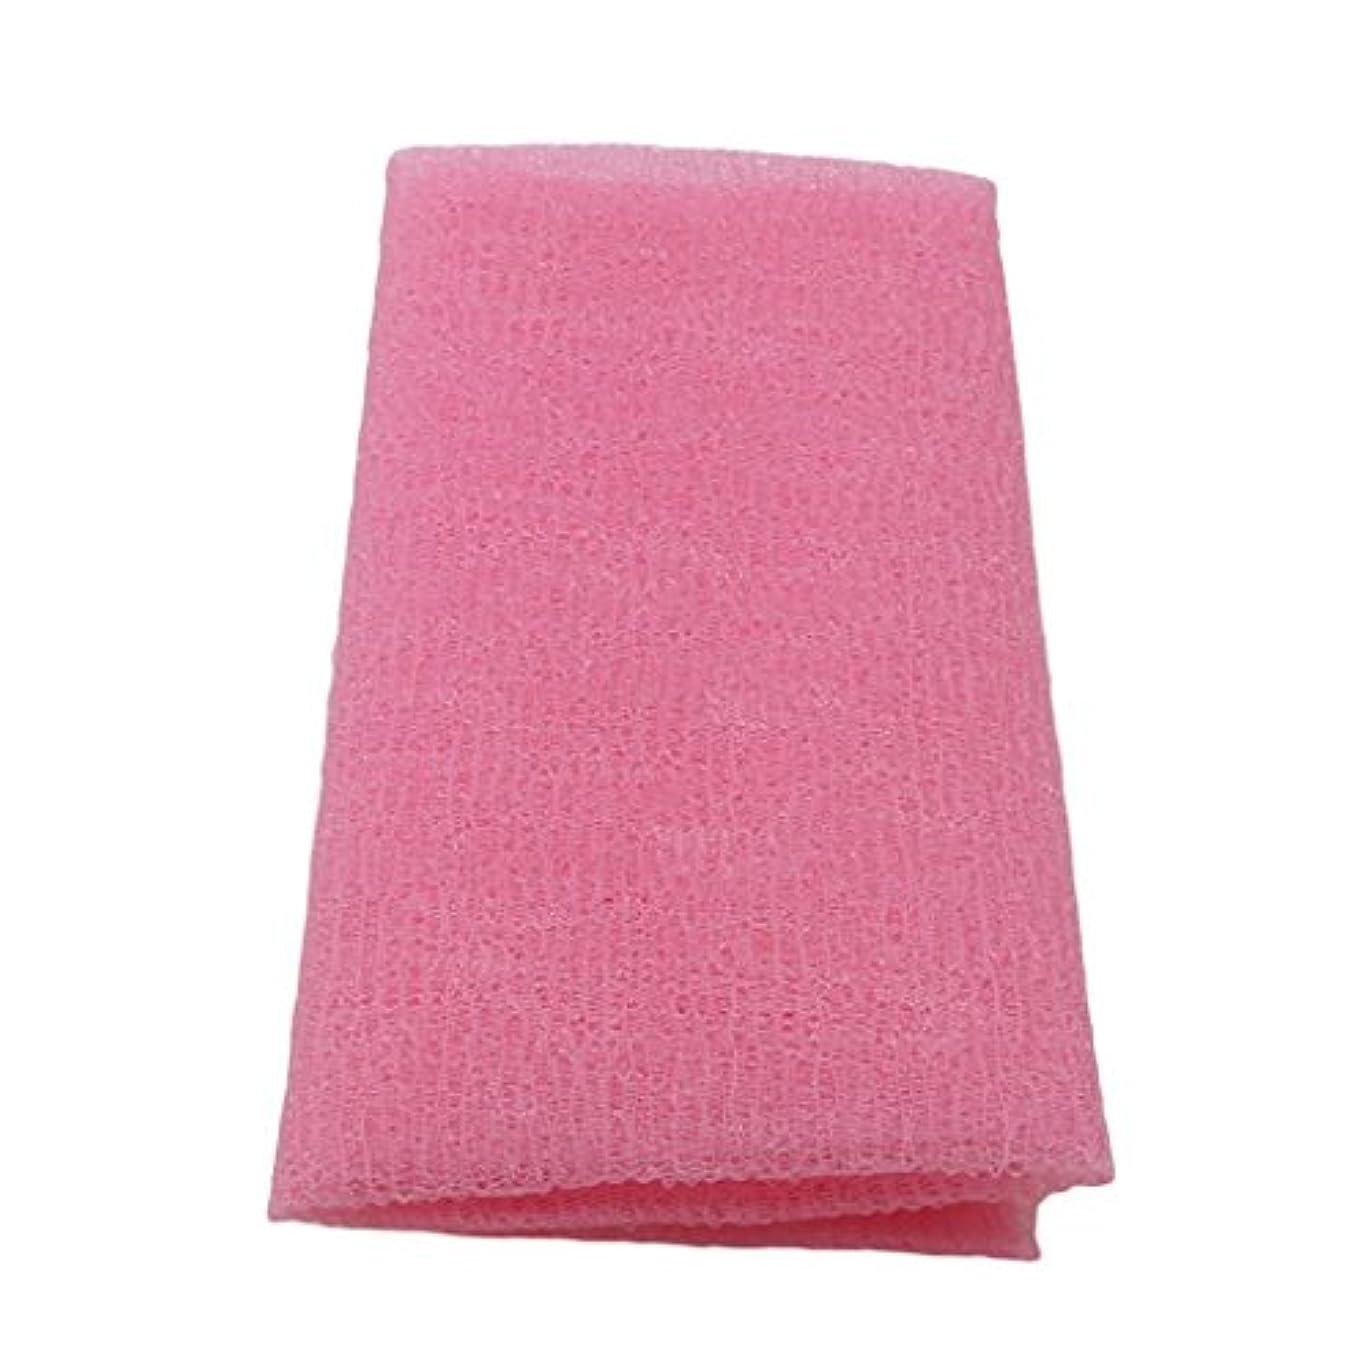 すばらしいです貴重なパレードMARUIKAO ボディタオル 泡しゃり ナイロン ロング 固め ピンク